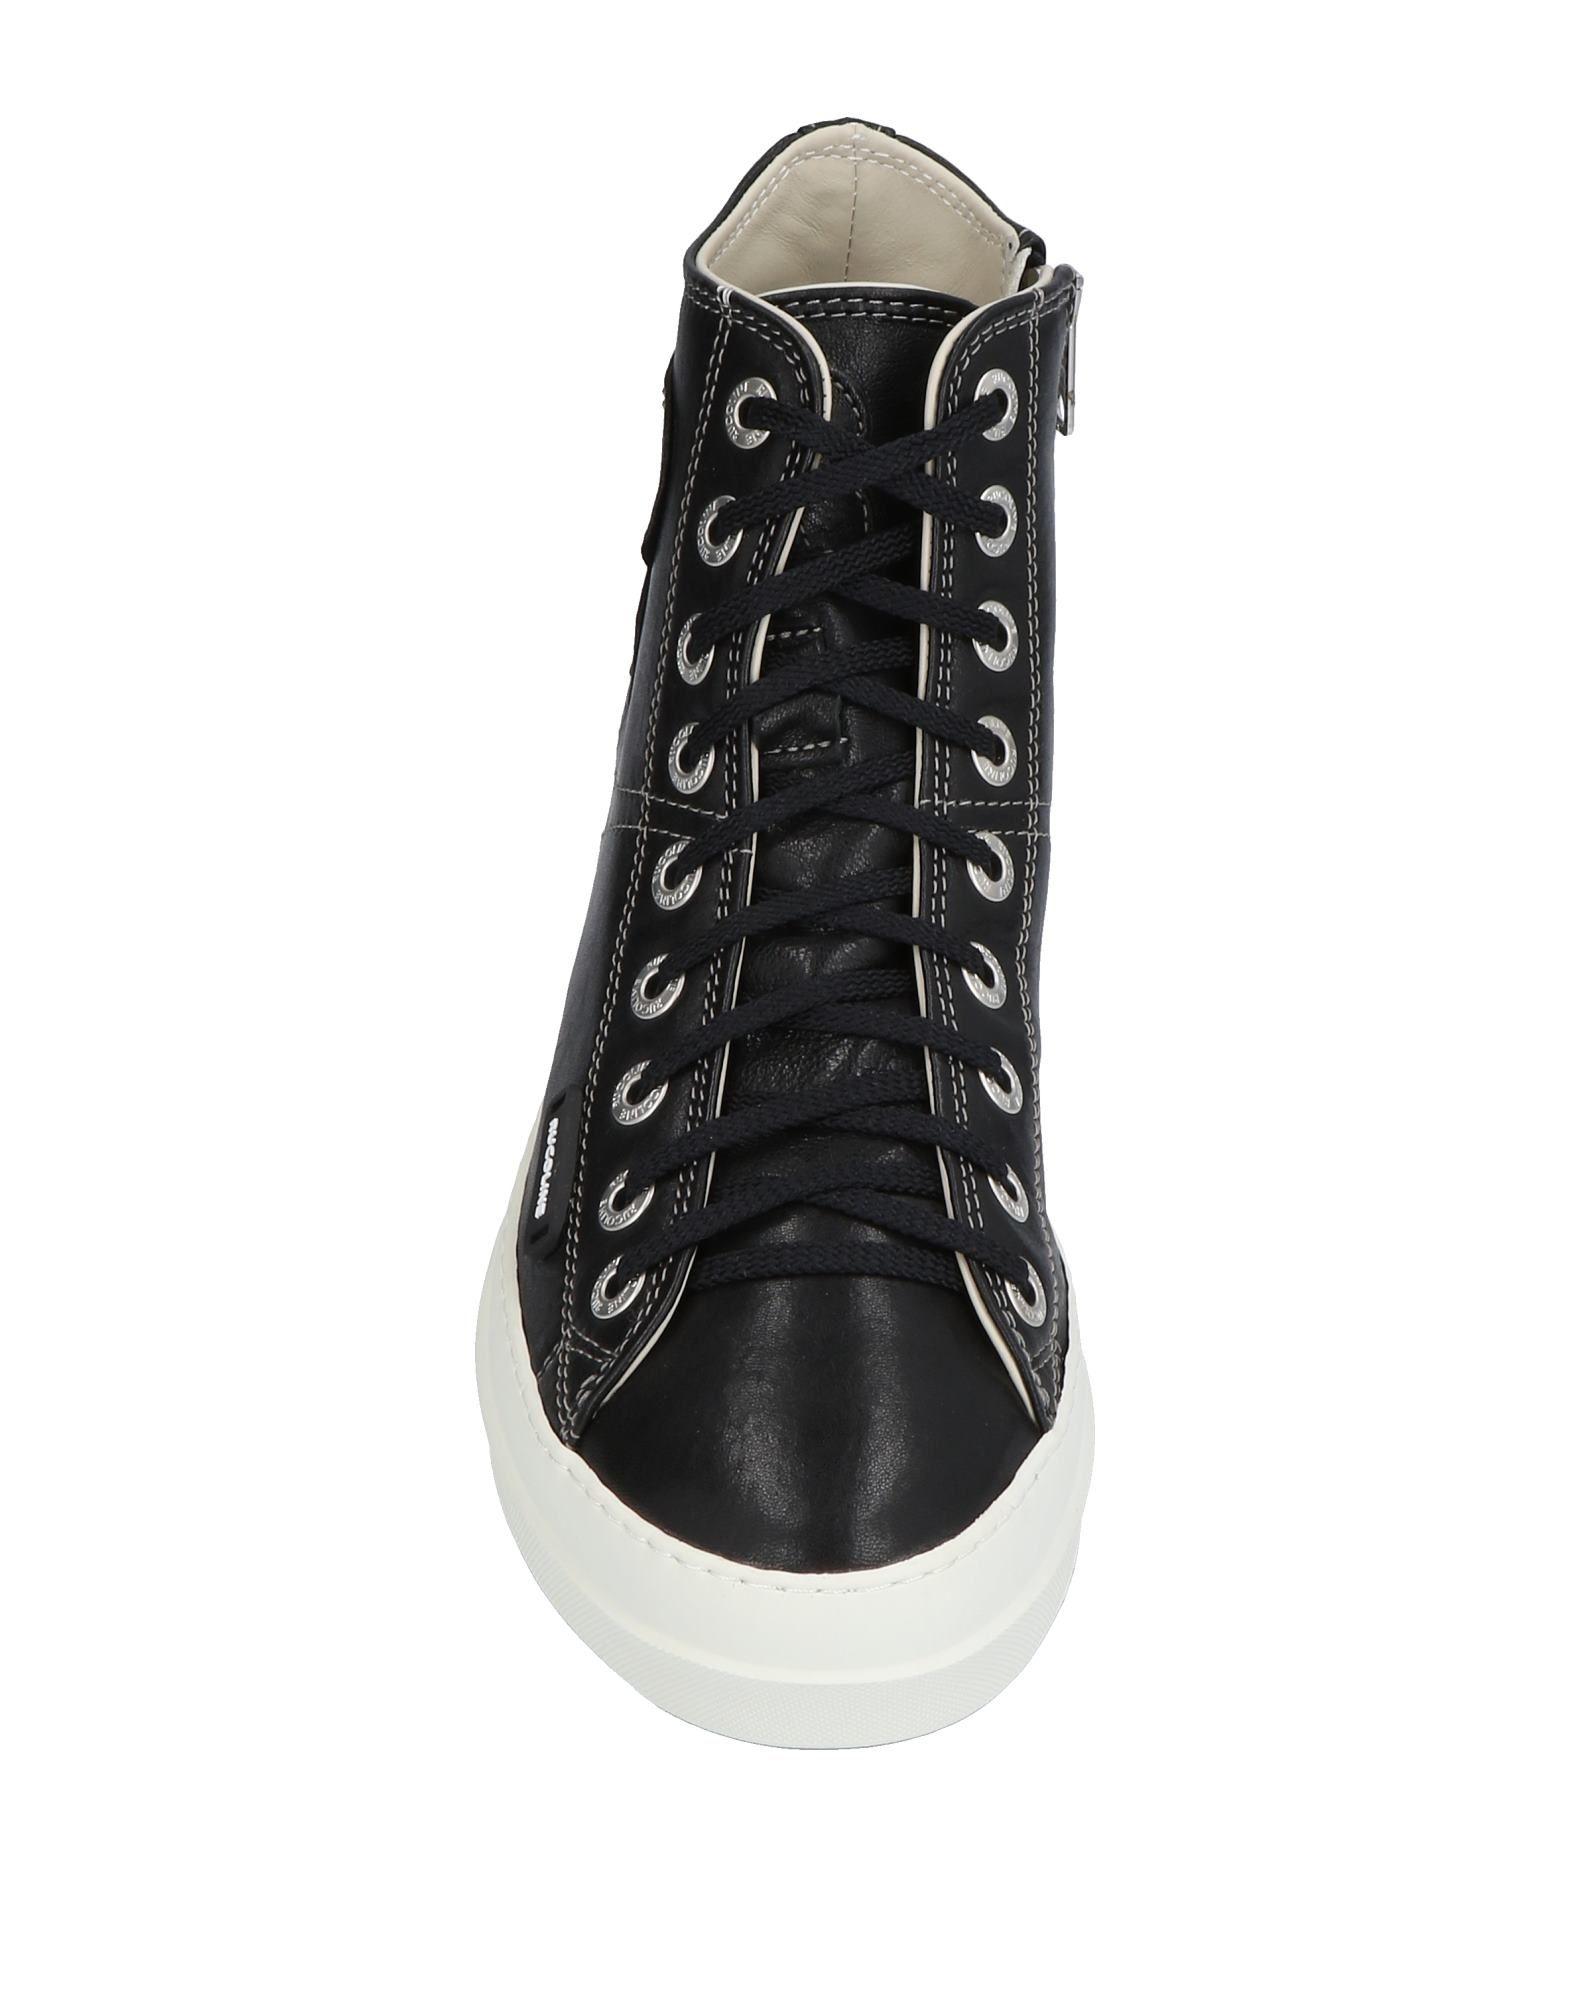 Ruco Line Sneakers Damen Gutes Gutes Gutes Preis-Leistungs-Verhältnis, es lohnt sich 90e384